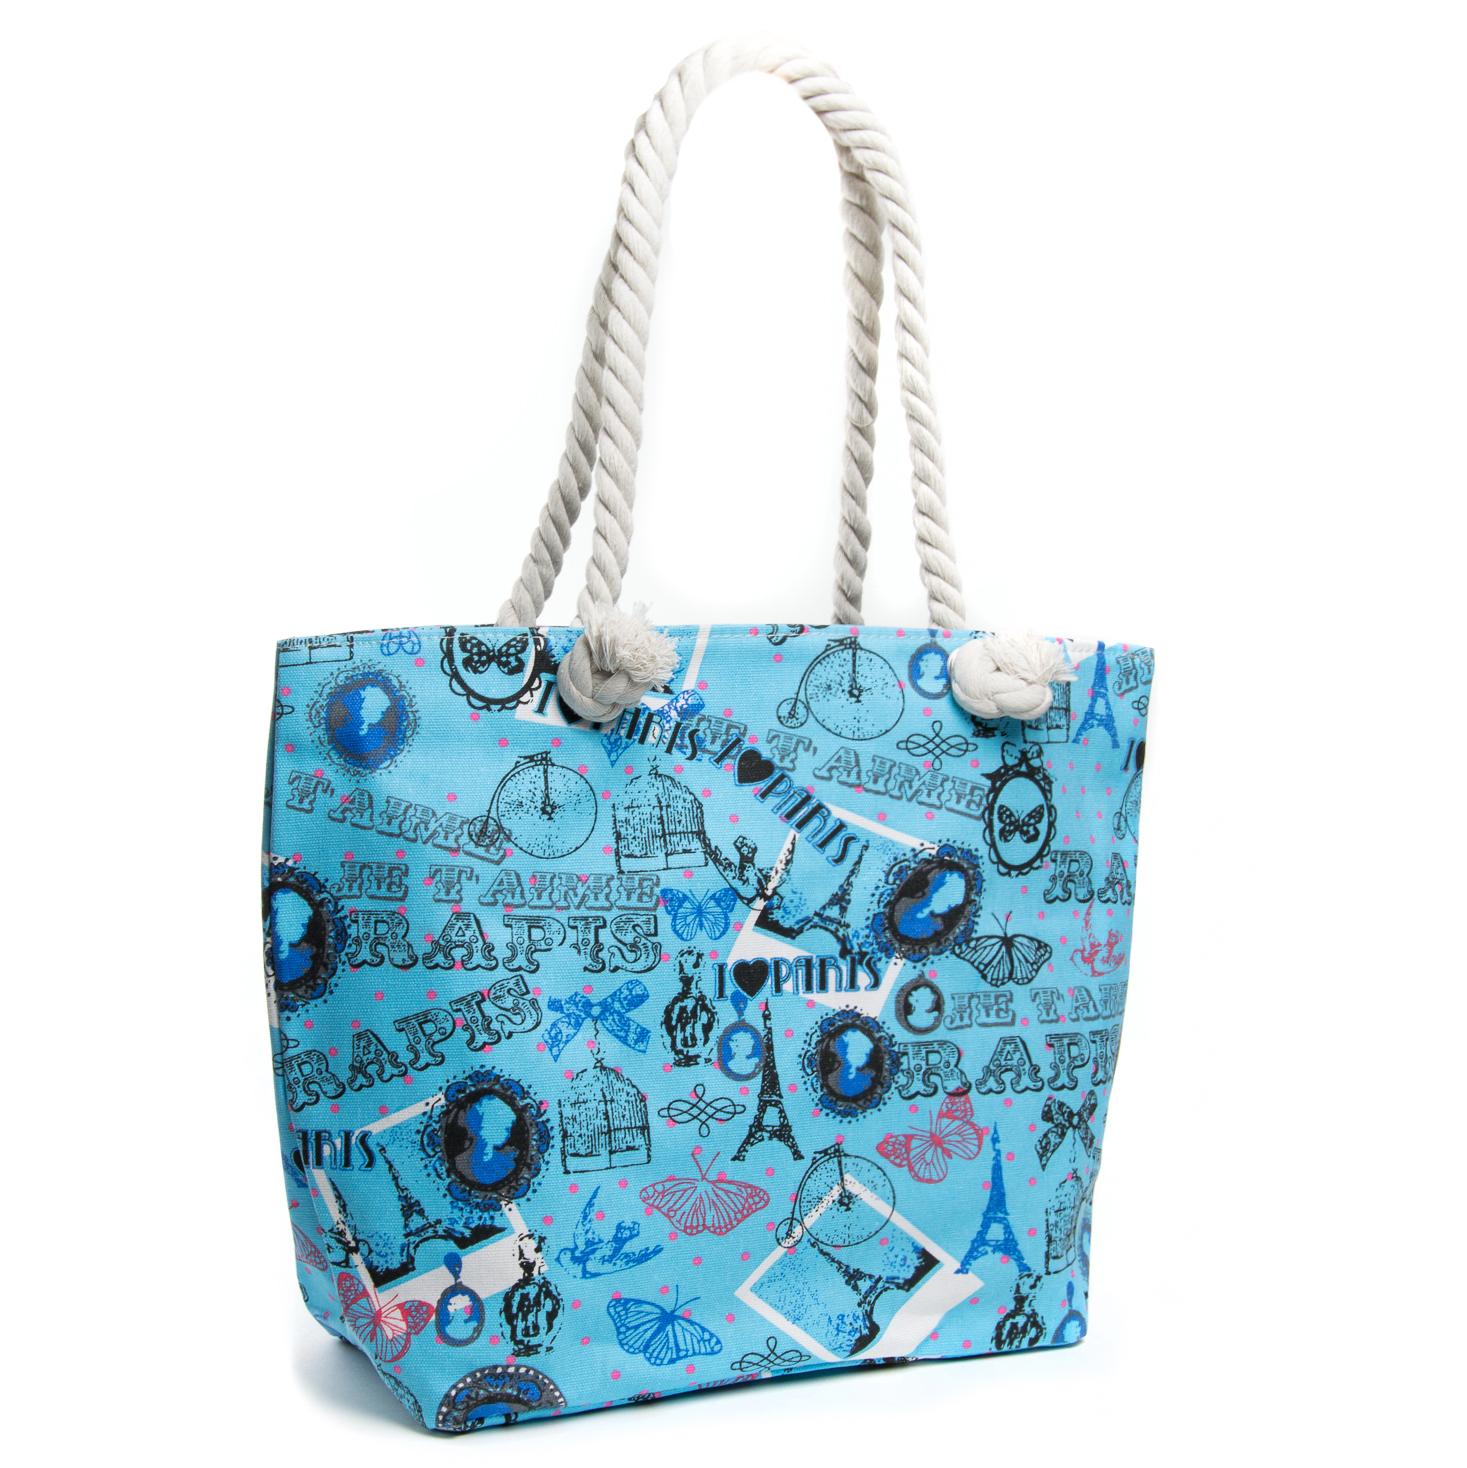 Сумка Женская Пляжная текстиль PODIUM 5015-5 blue